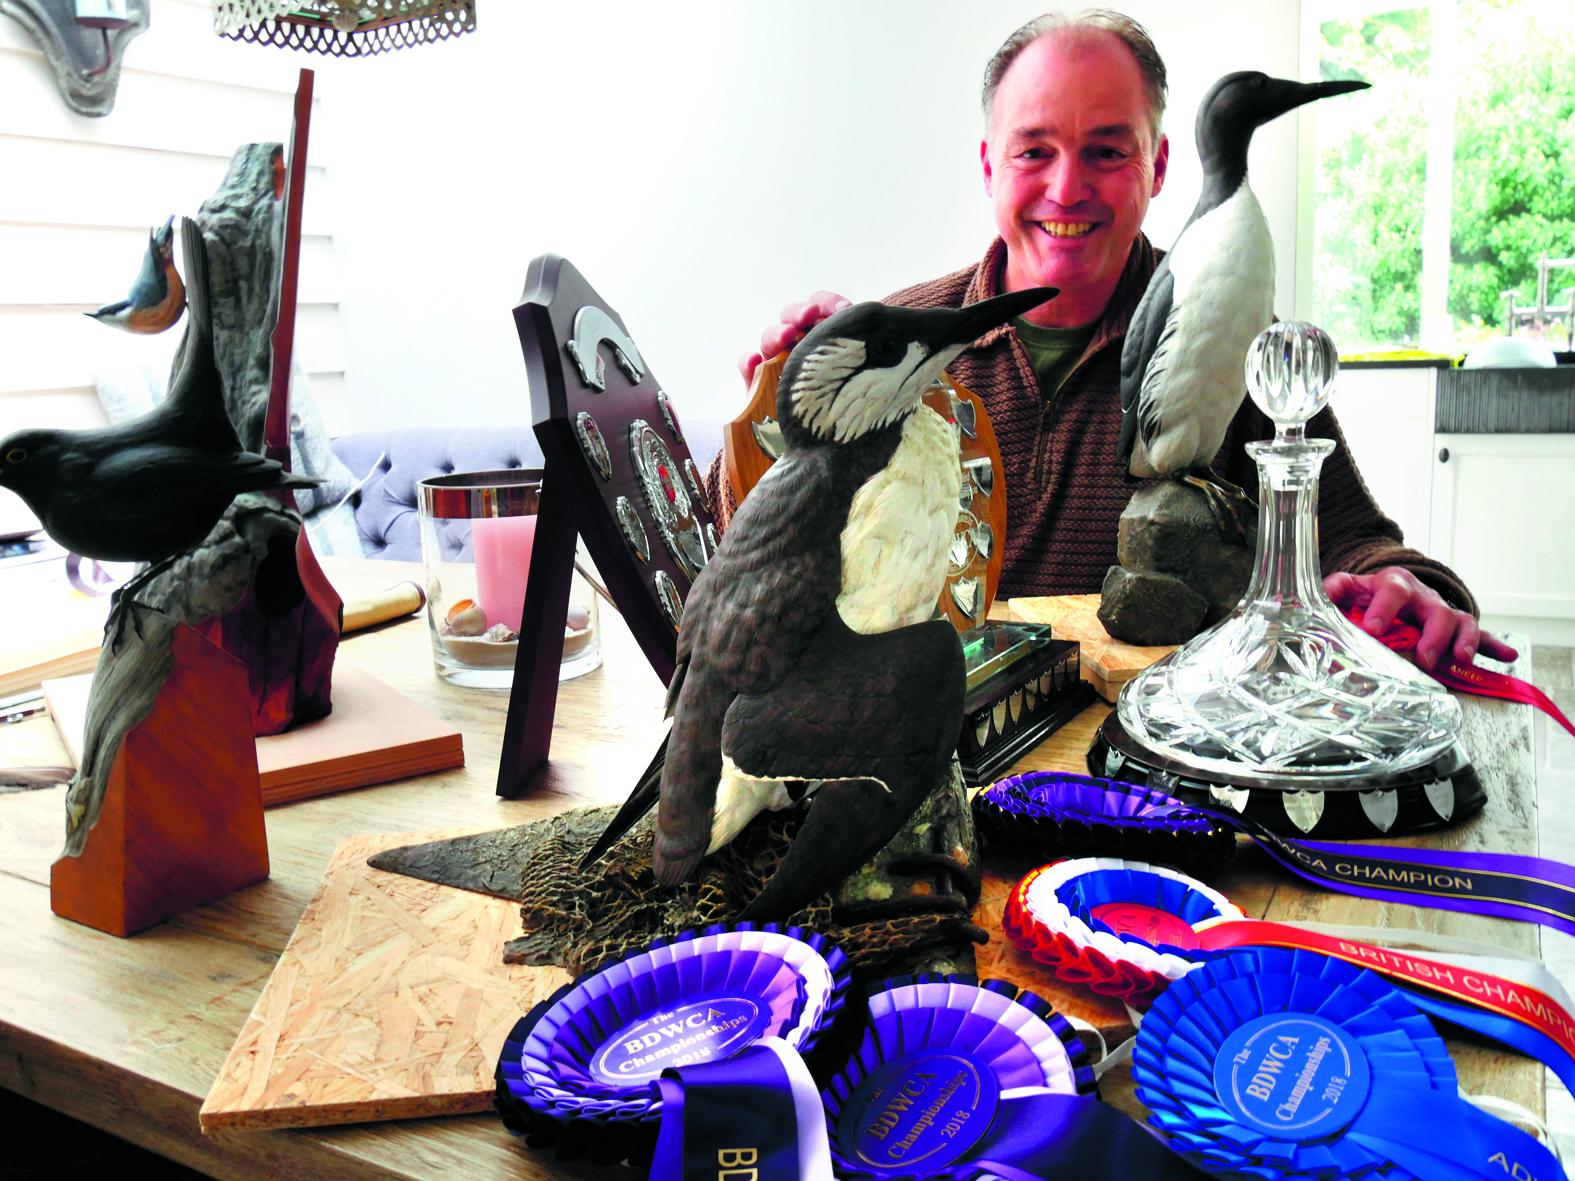 De houten vogels van Ton Visser zijn bijna niet van echt te onderscheiden. (Foto: Tineke Leegwater / RM)